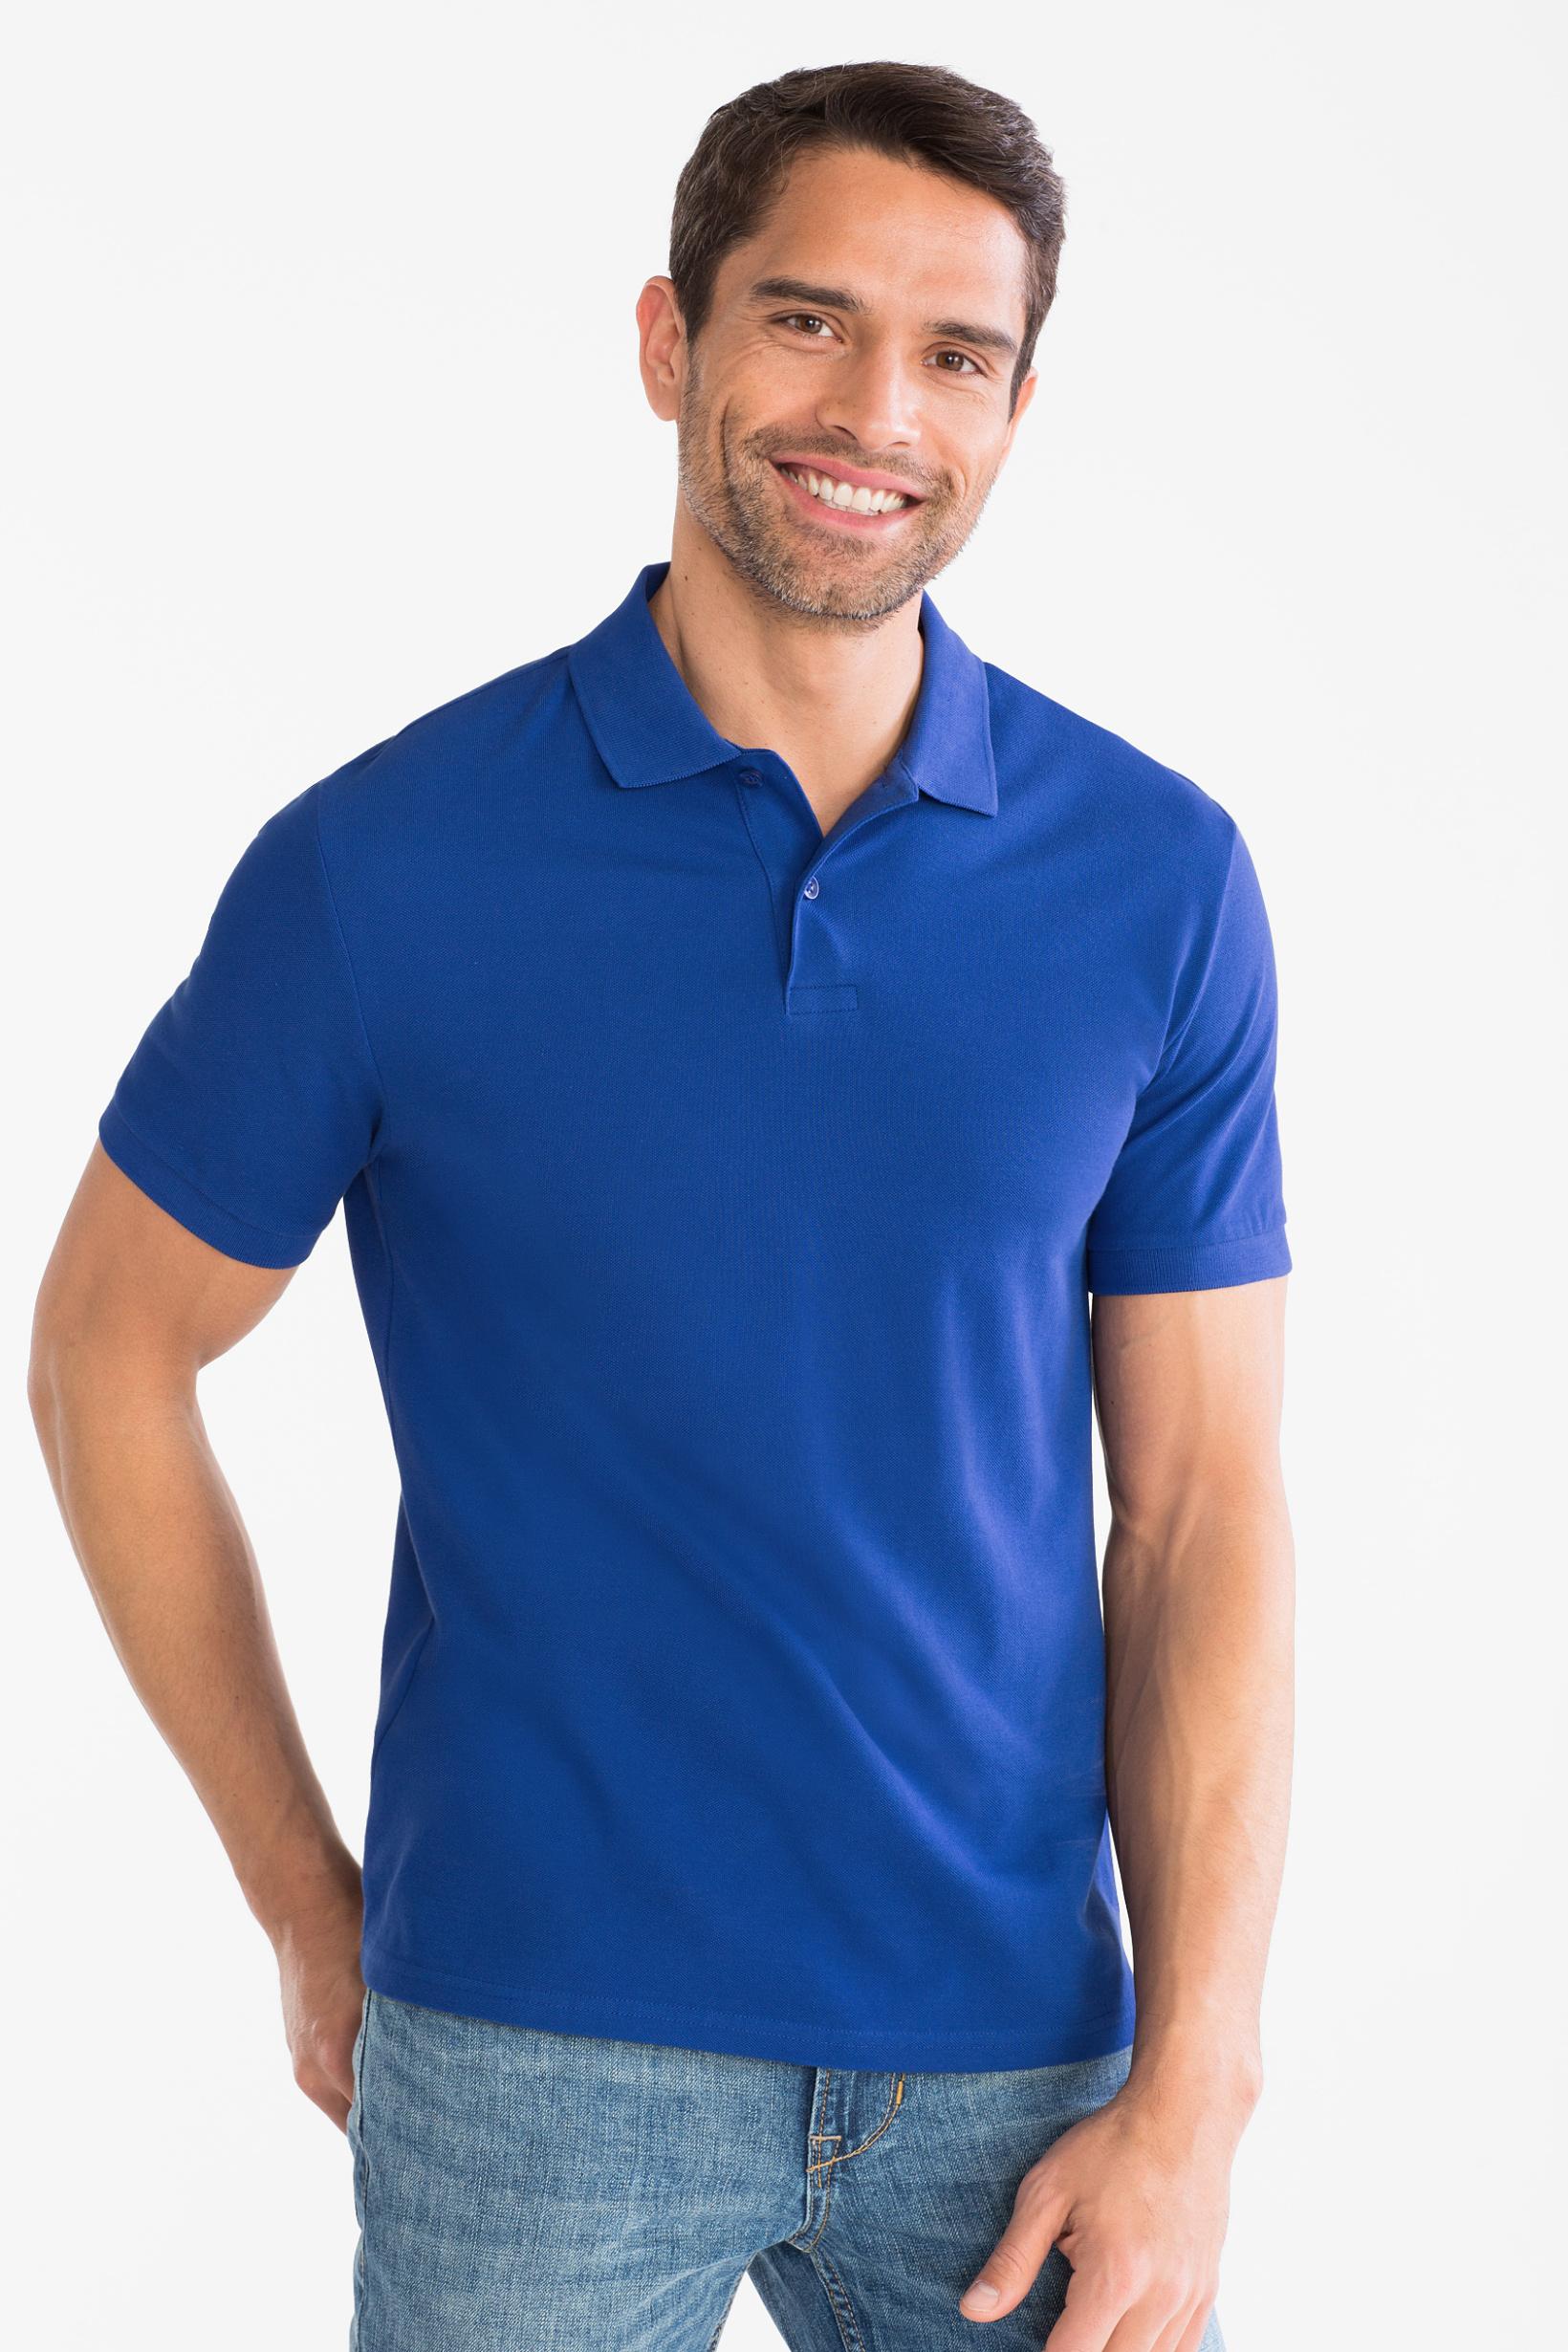 Męskie koszulki polo po 15zł (7 kolorów, pełna rozmiarówka) @ C&A